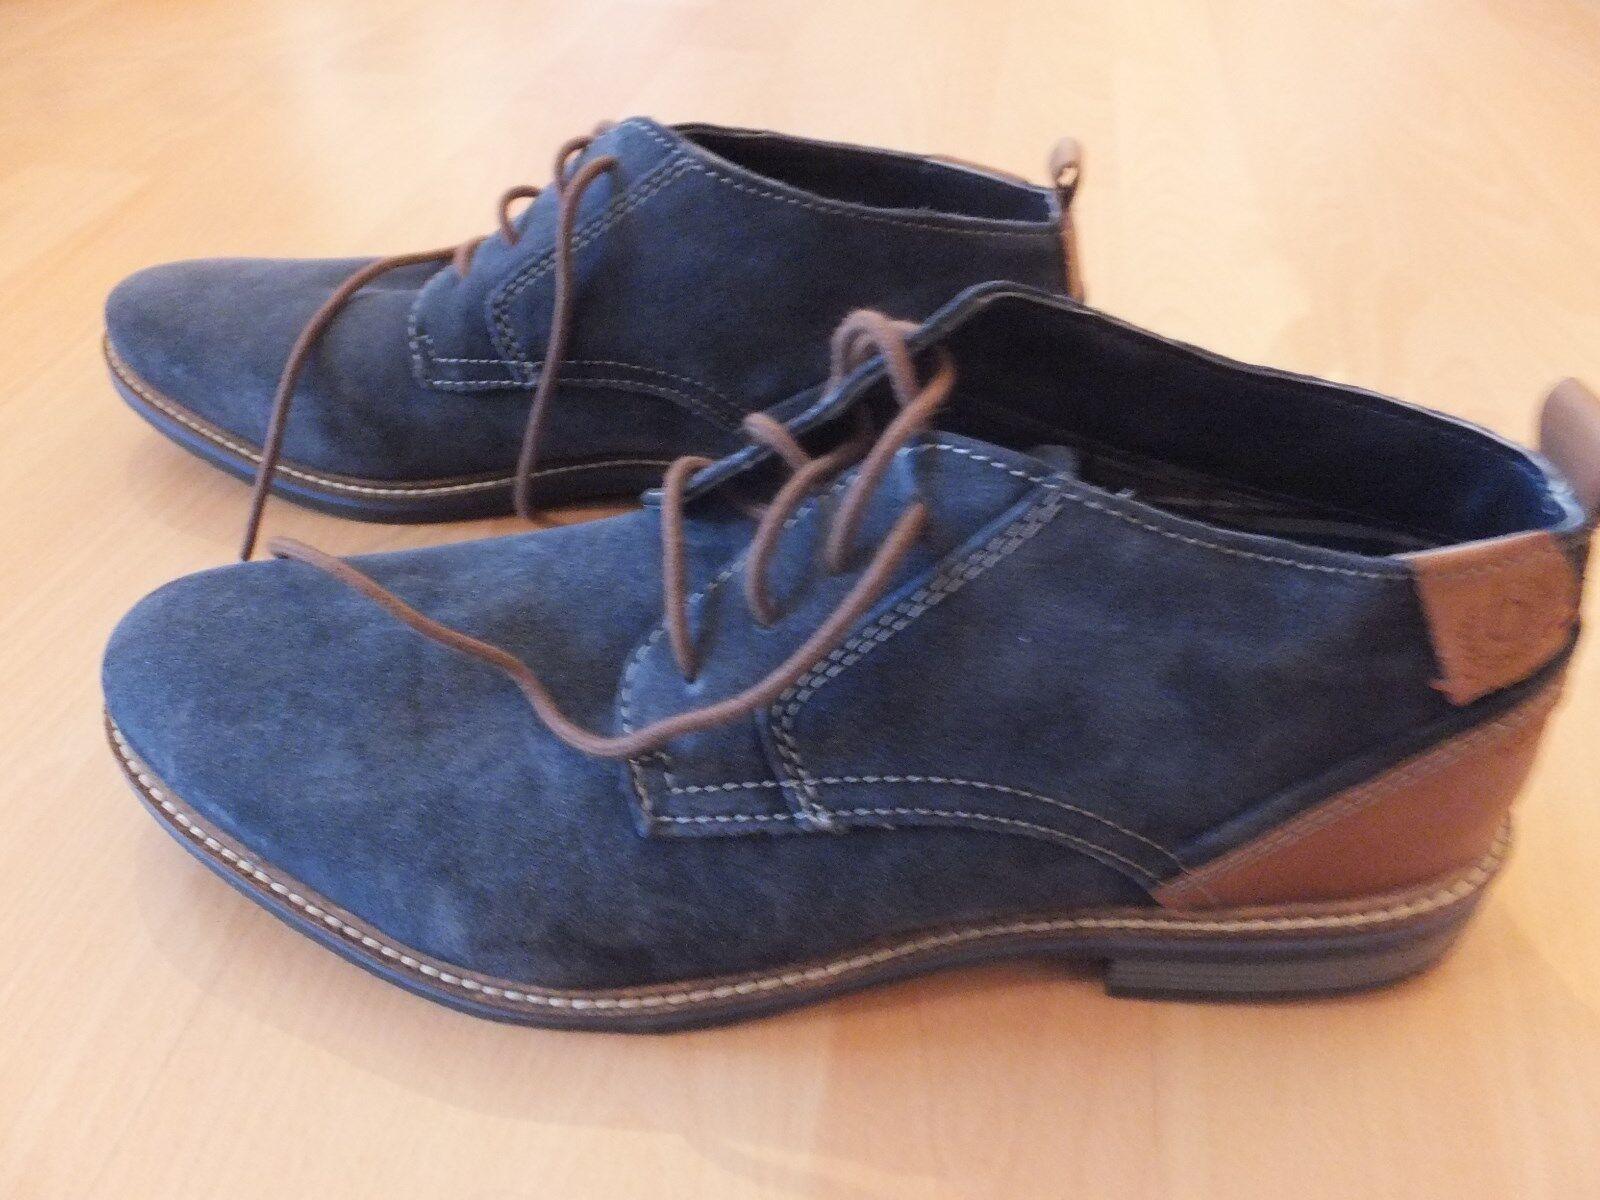 Bugatti Herrenschuh Wildleder - blau / braun - Gr. 43 - NEU